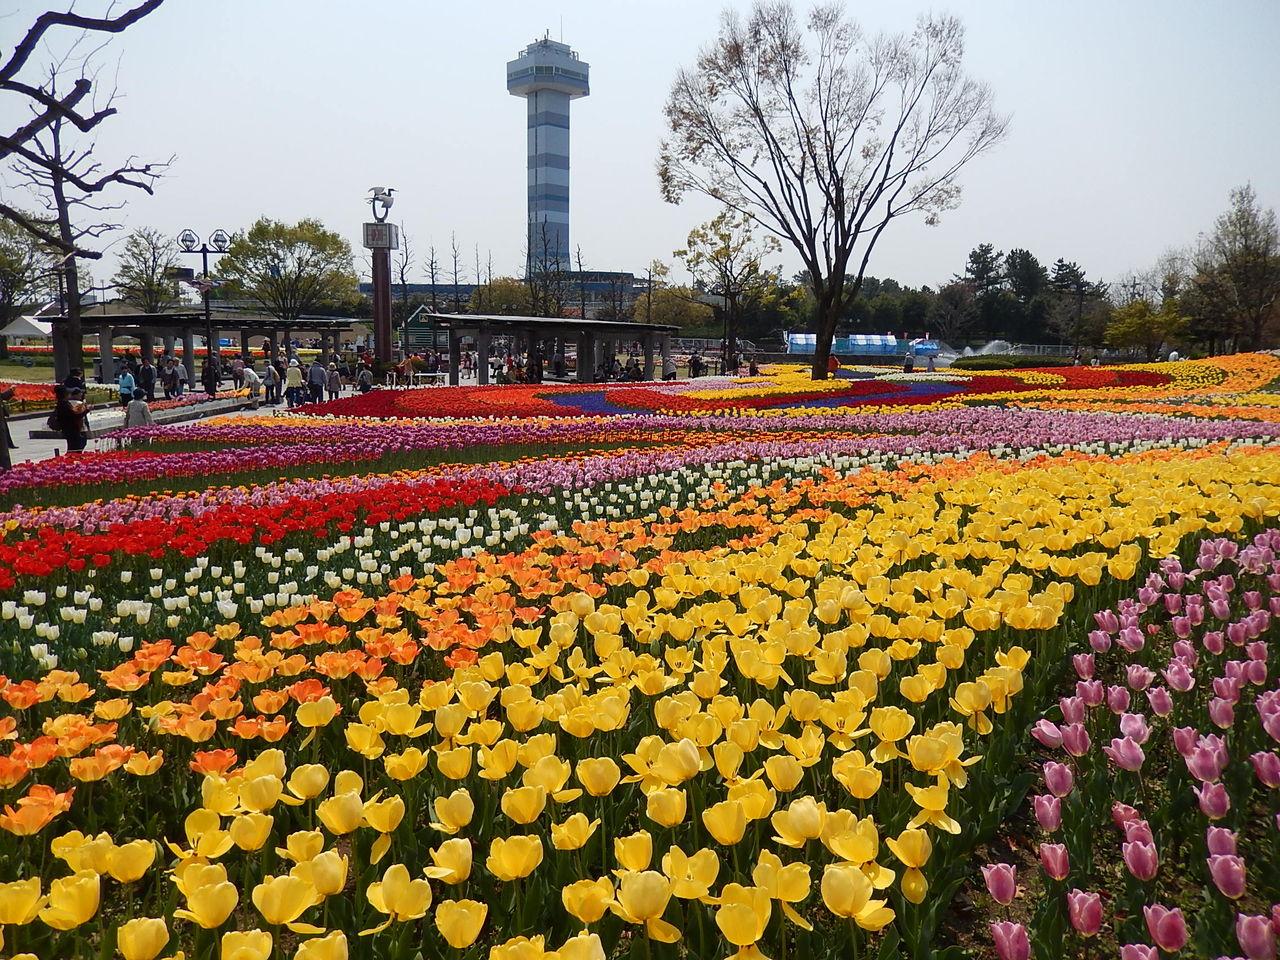 木曽三川公園のチューリップ祭り : やつば池散歩道(豊田市 ...